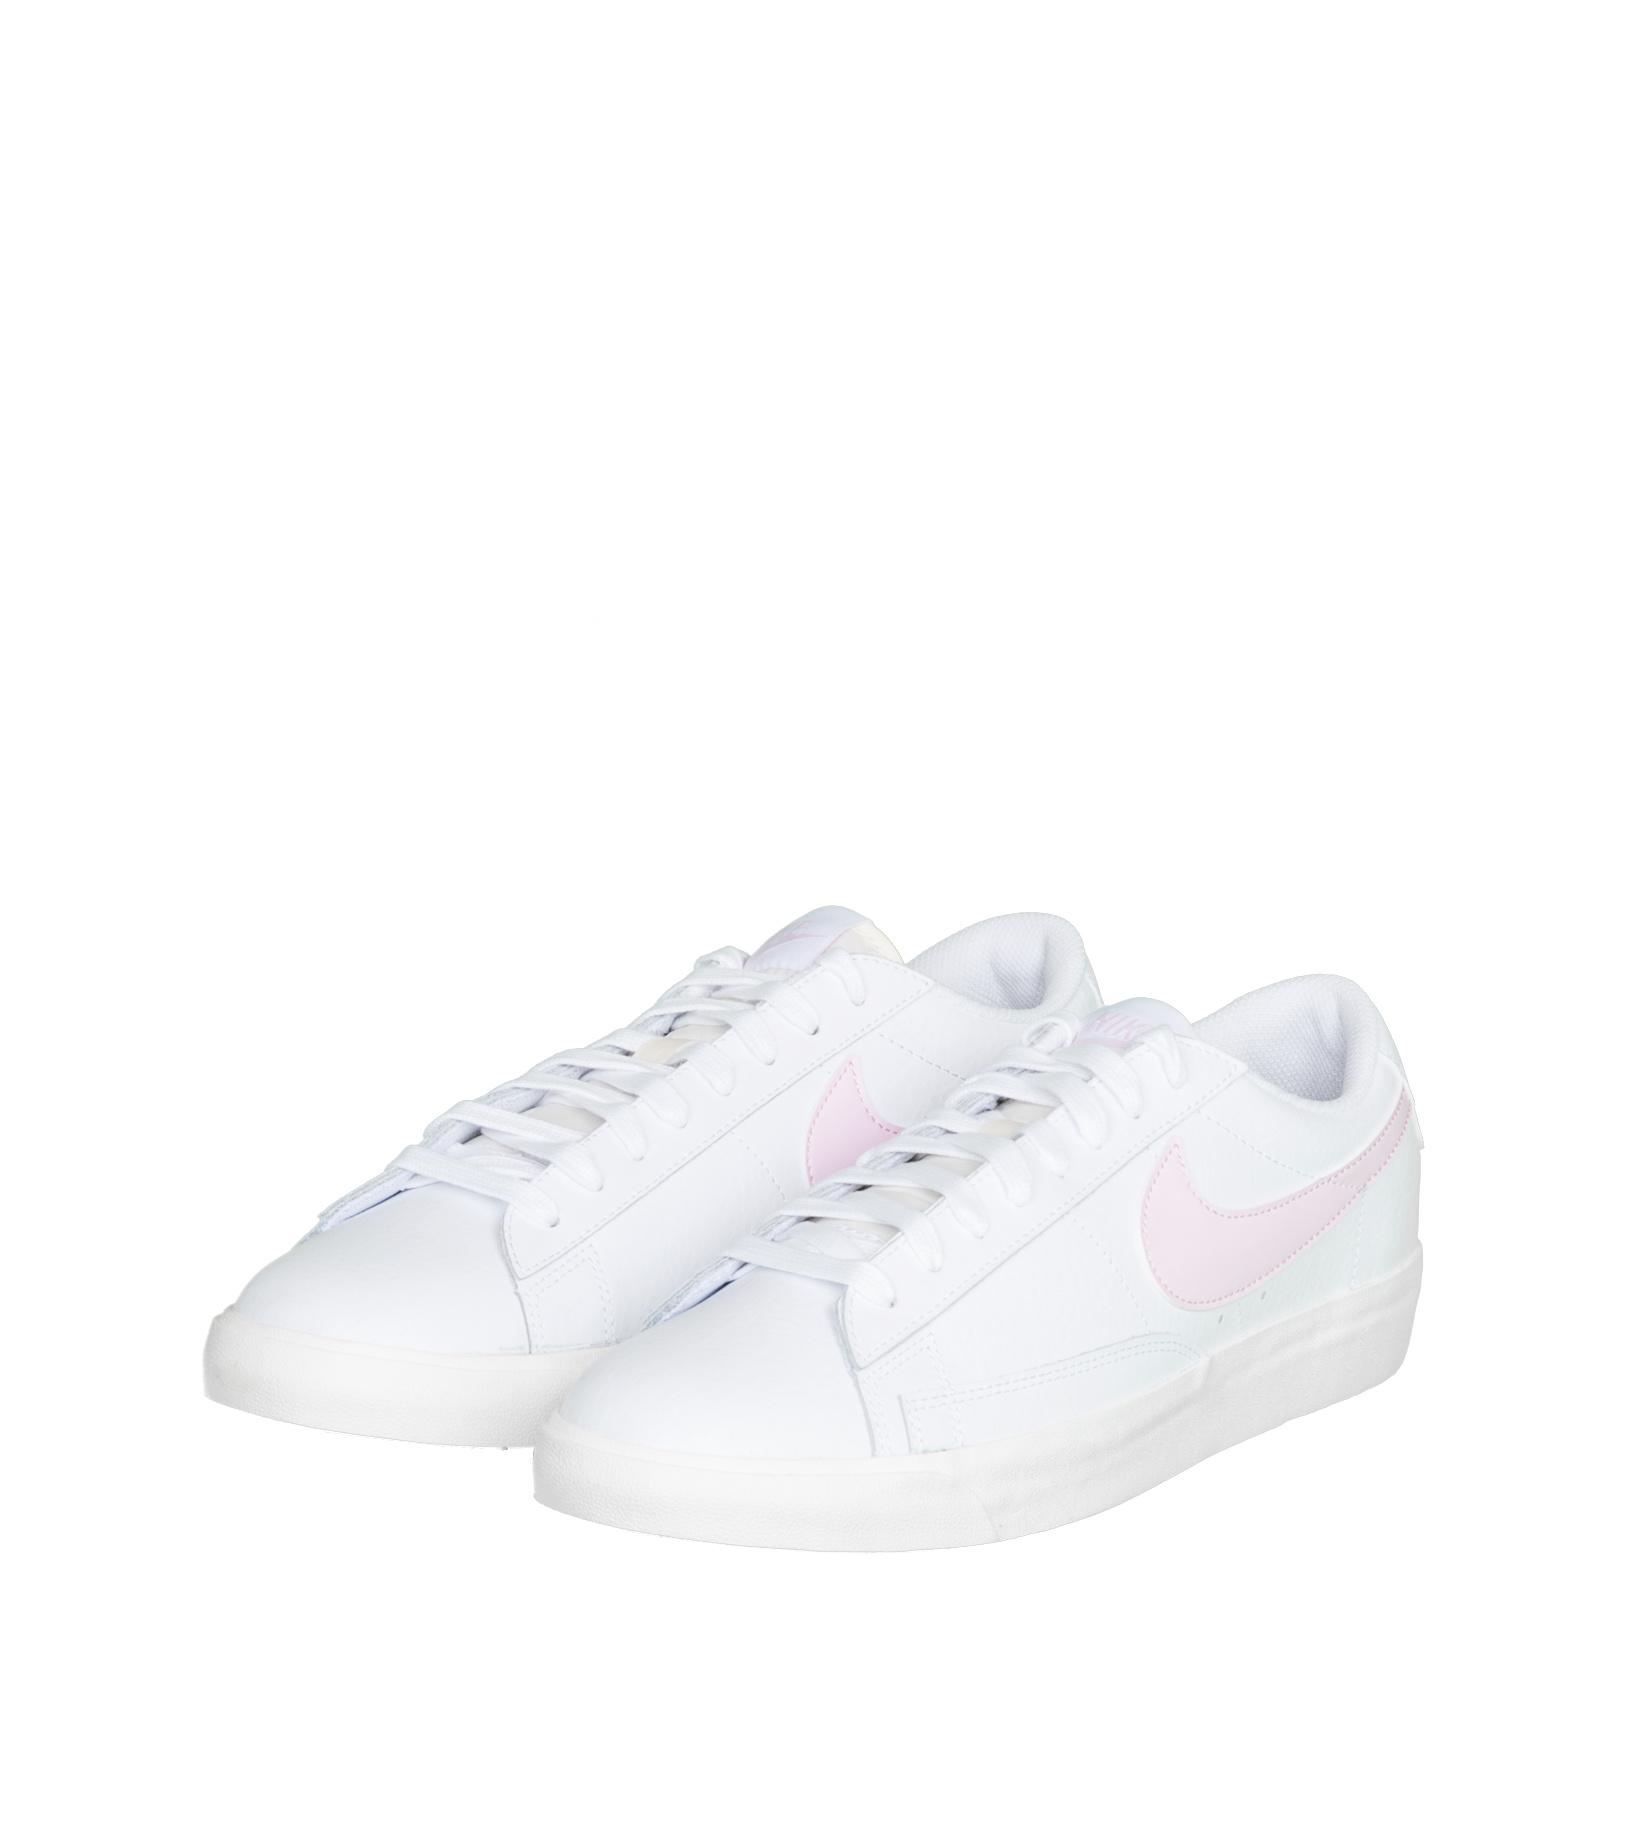 """Blazer Low Leather """"White/Pink Foam""""-1"""